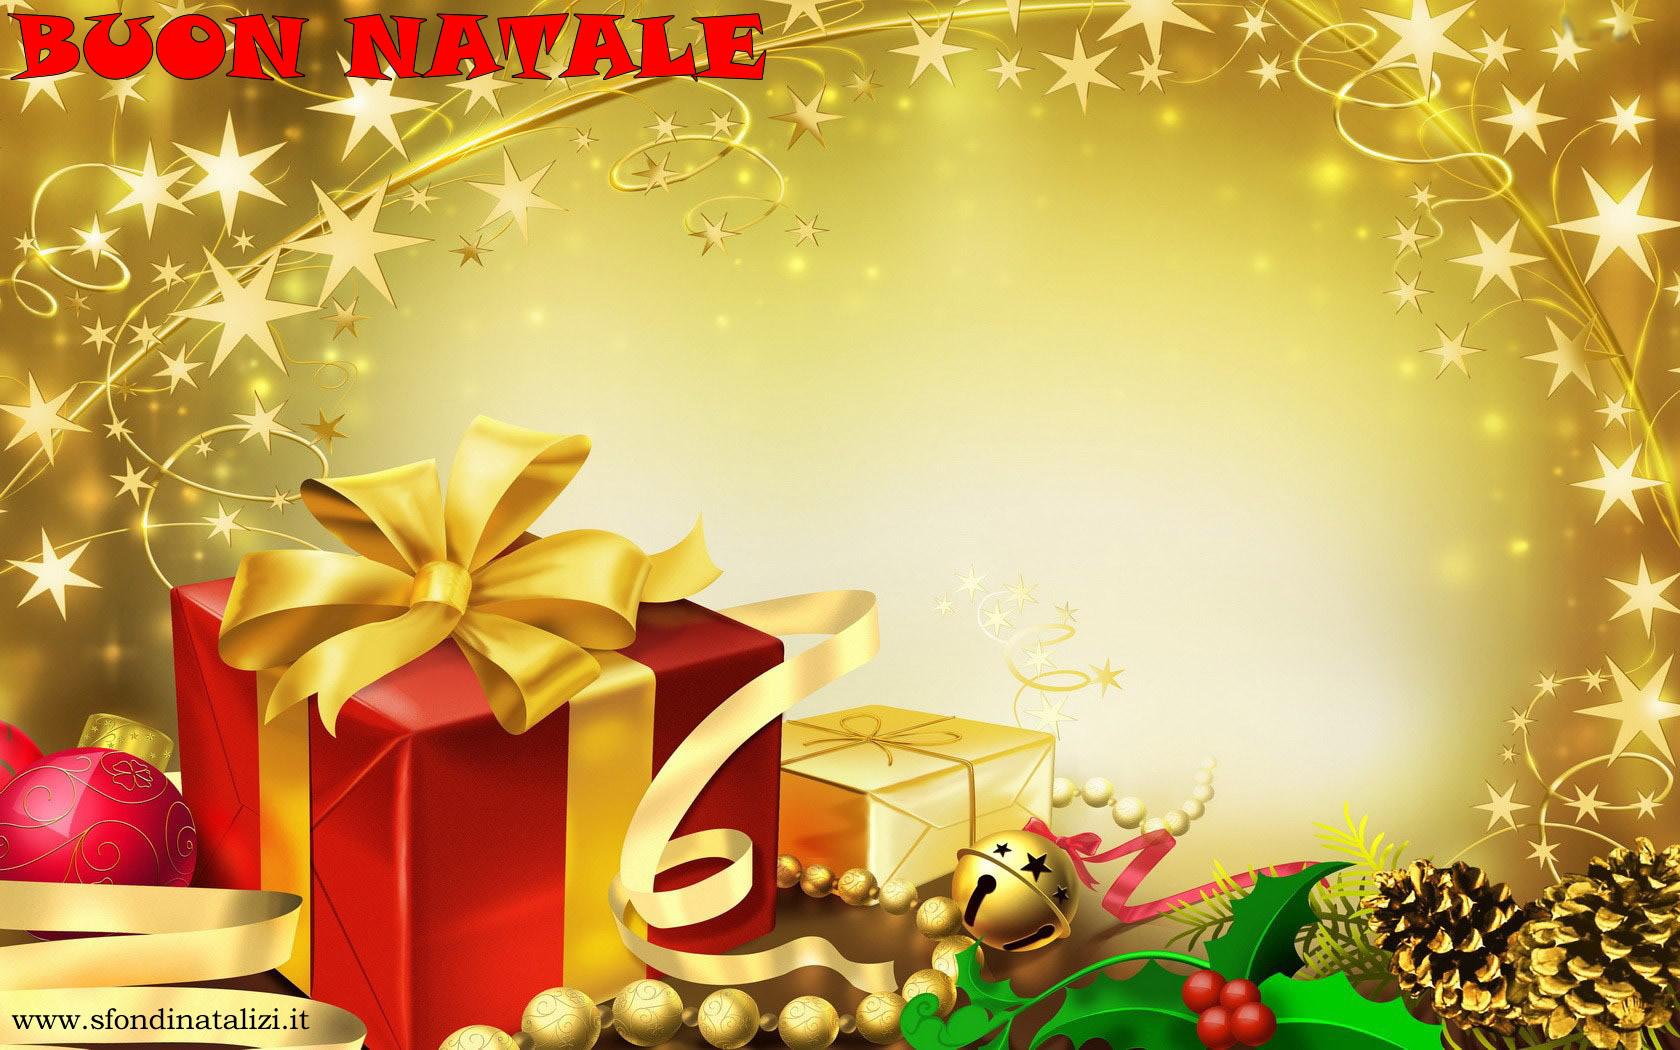 Sfondo Natalizio - Sfondo natalizio luminoso